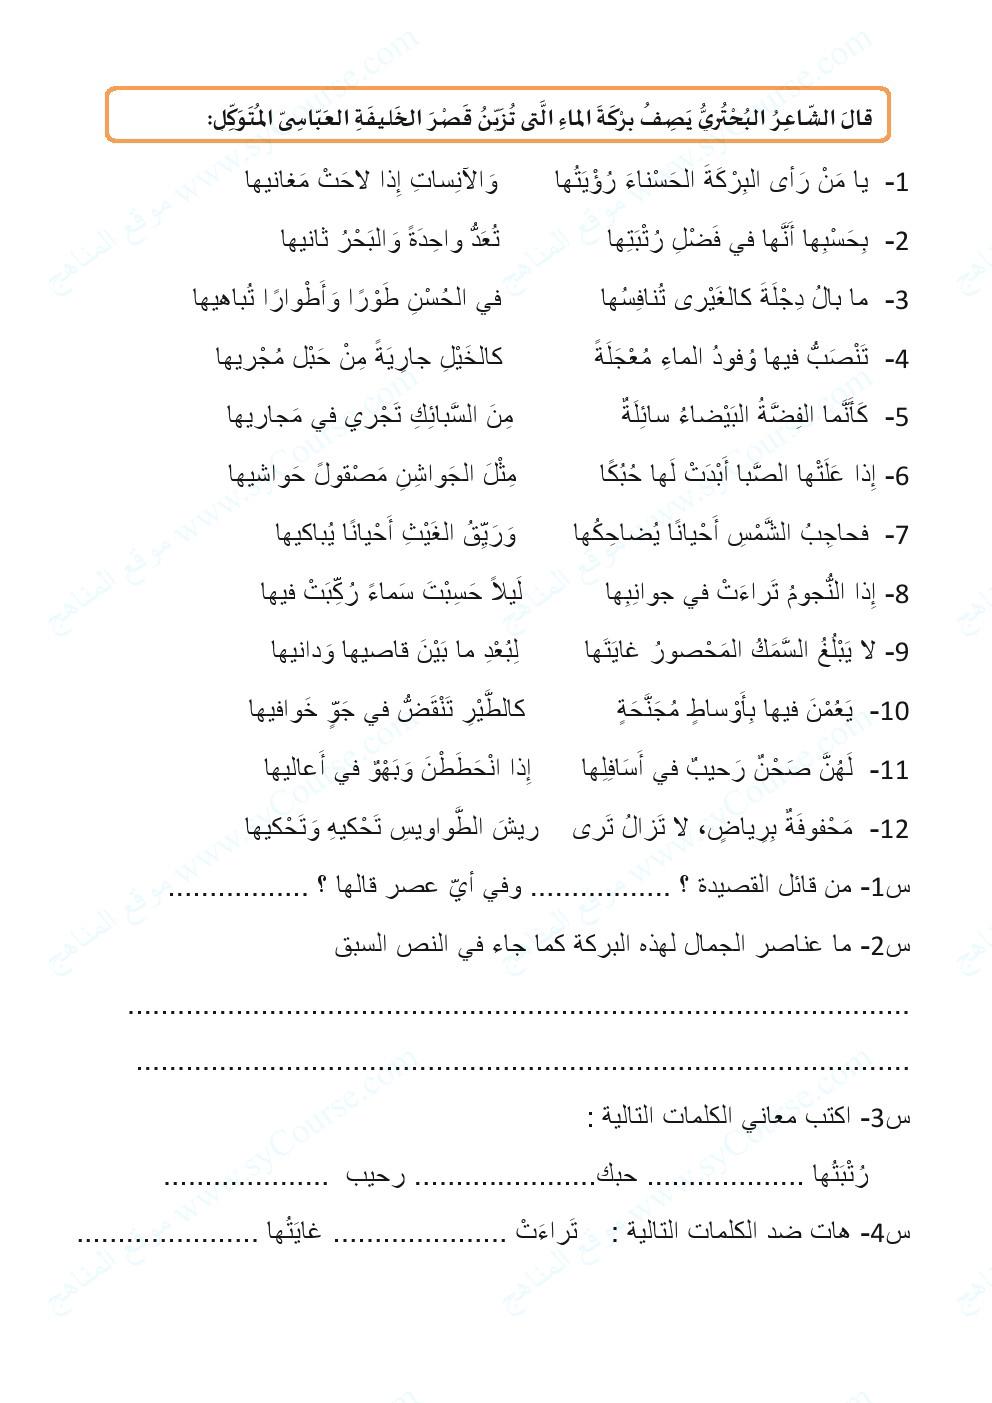 حل كتاب النشاط انجليزي للصف الرابع الفصل الثاني